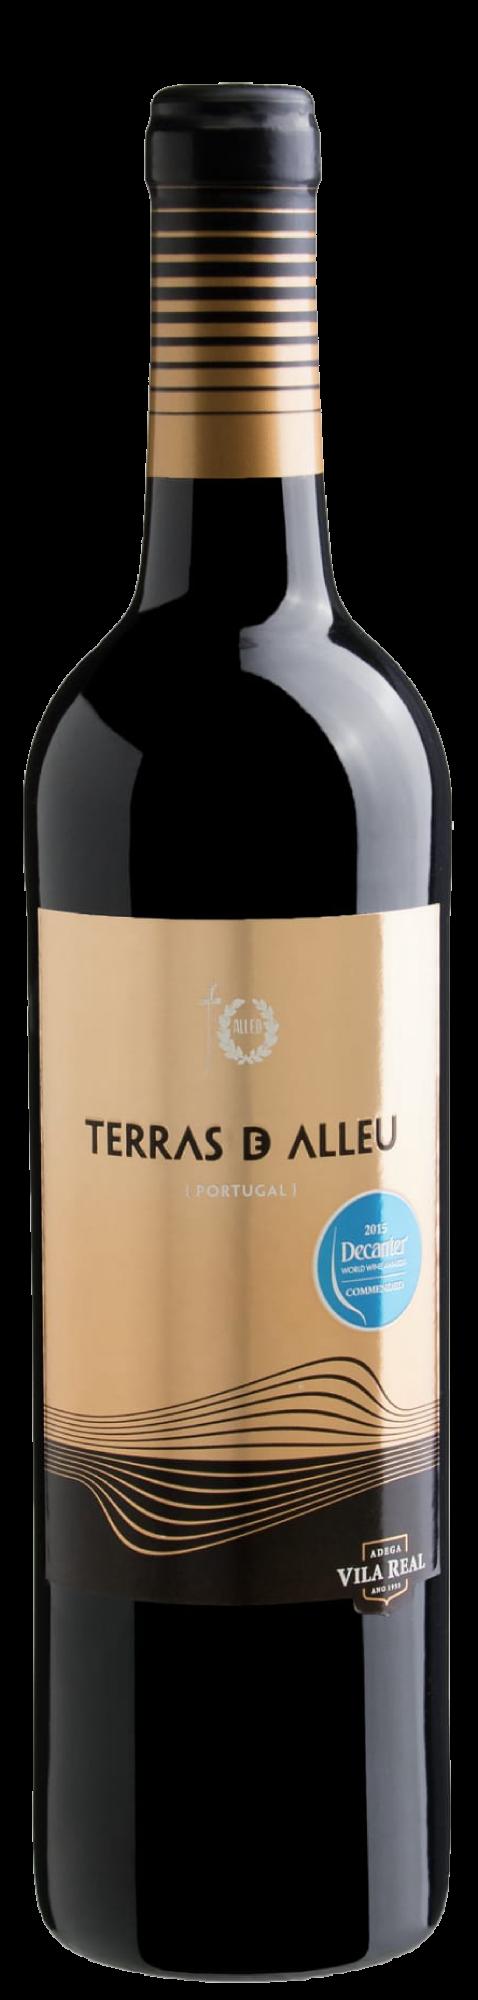 Terras de Alleu Tinto червоне португальське вино